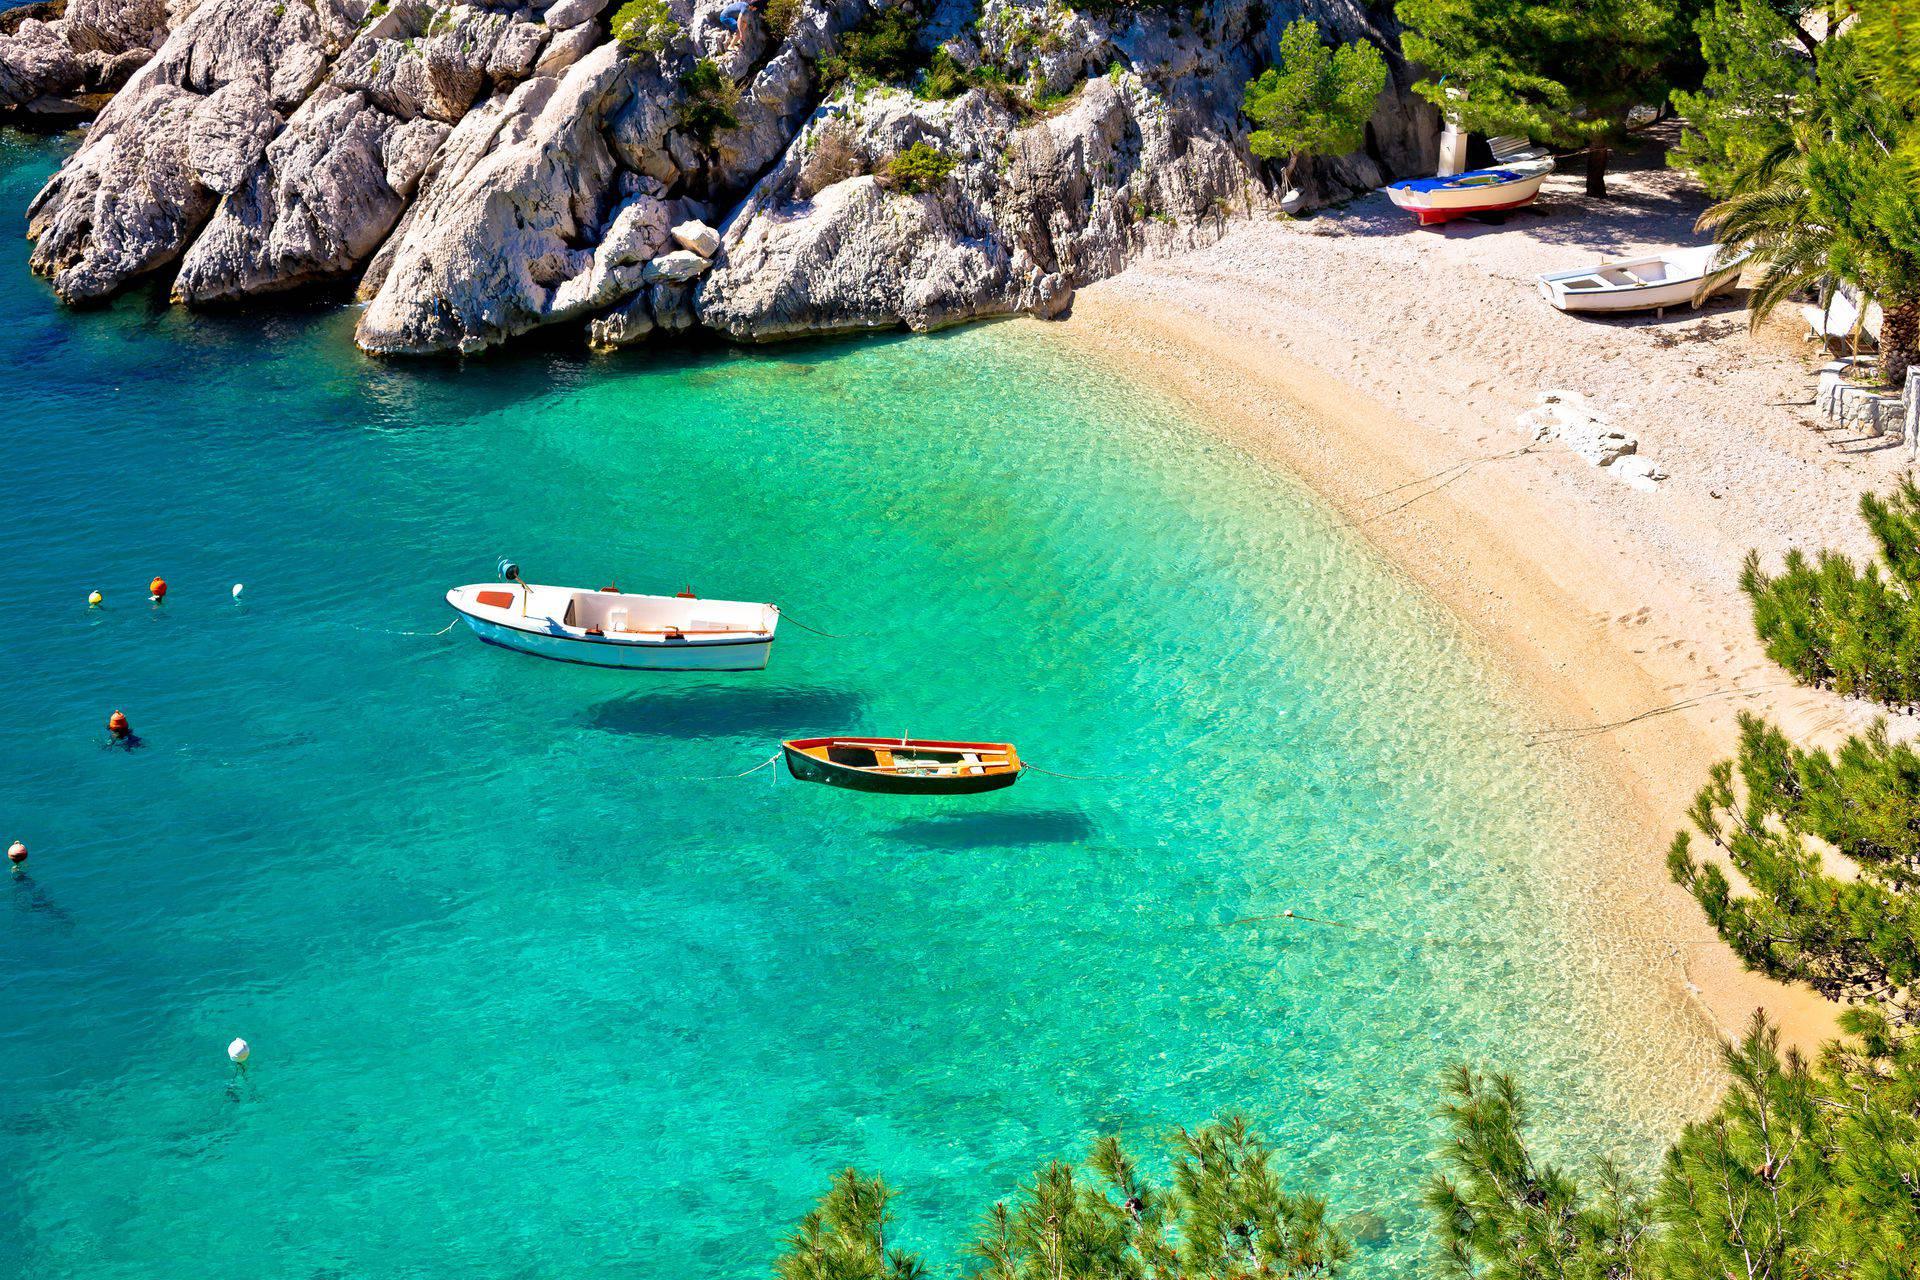 """Vogue izdvojio 8 najljepših hrvatskih plaža: """"Ova je plaža dokaz da mediteranski raj još postoji"""""""